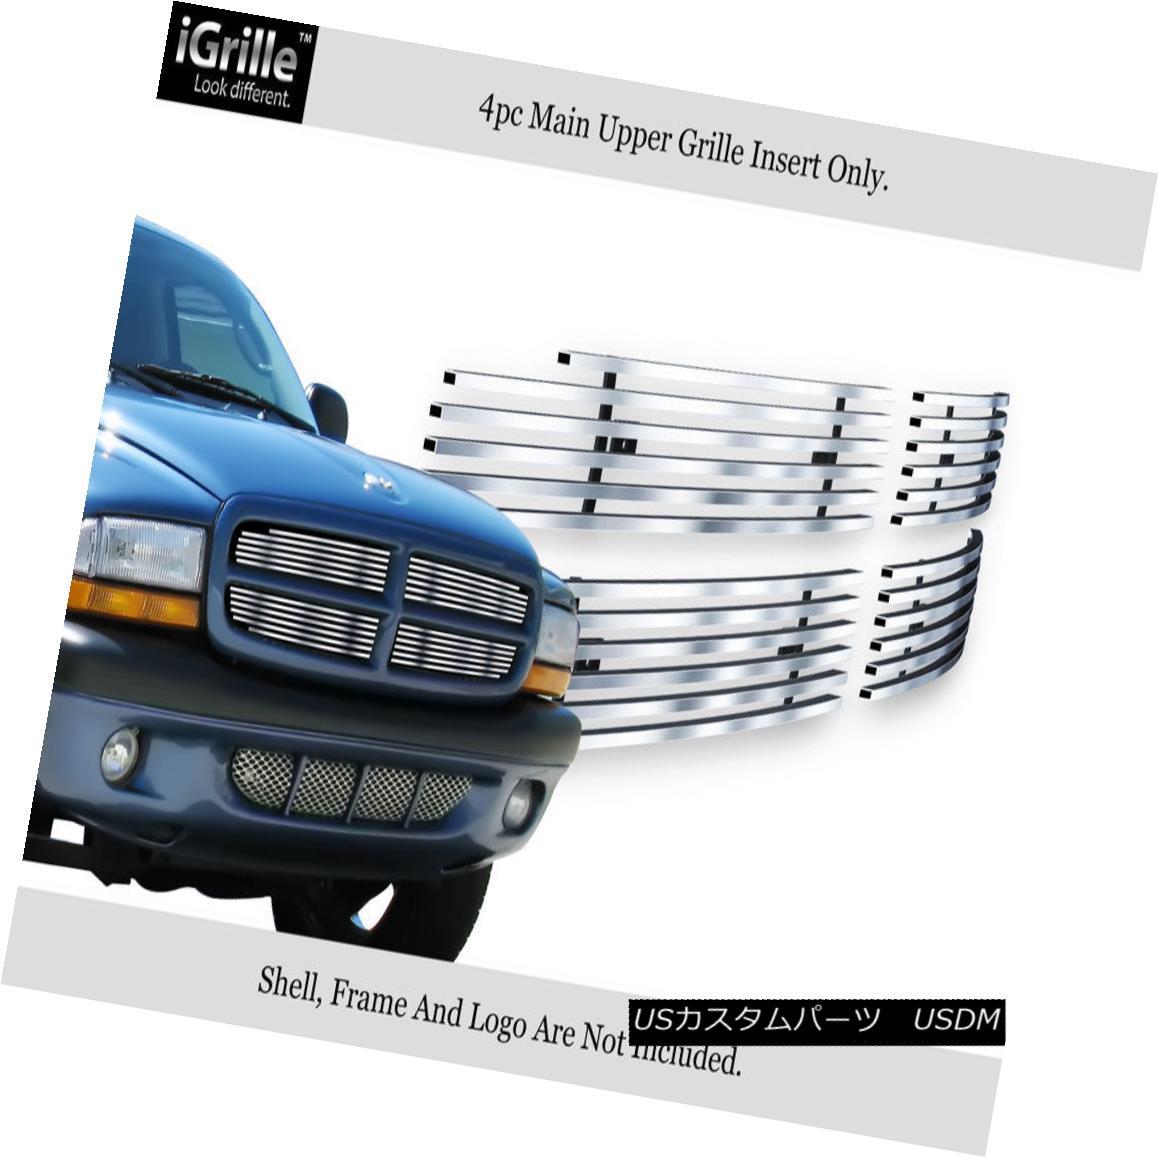 グリル For 97-04 Dodge Dakota 97-03 Durango Stainless Steel Billet Grille Insert 97-04ダッジダコタ97-03デュランゴステンレス鋼ビレットグリルインサート